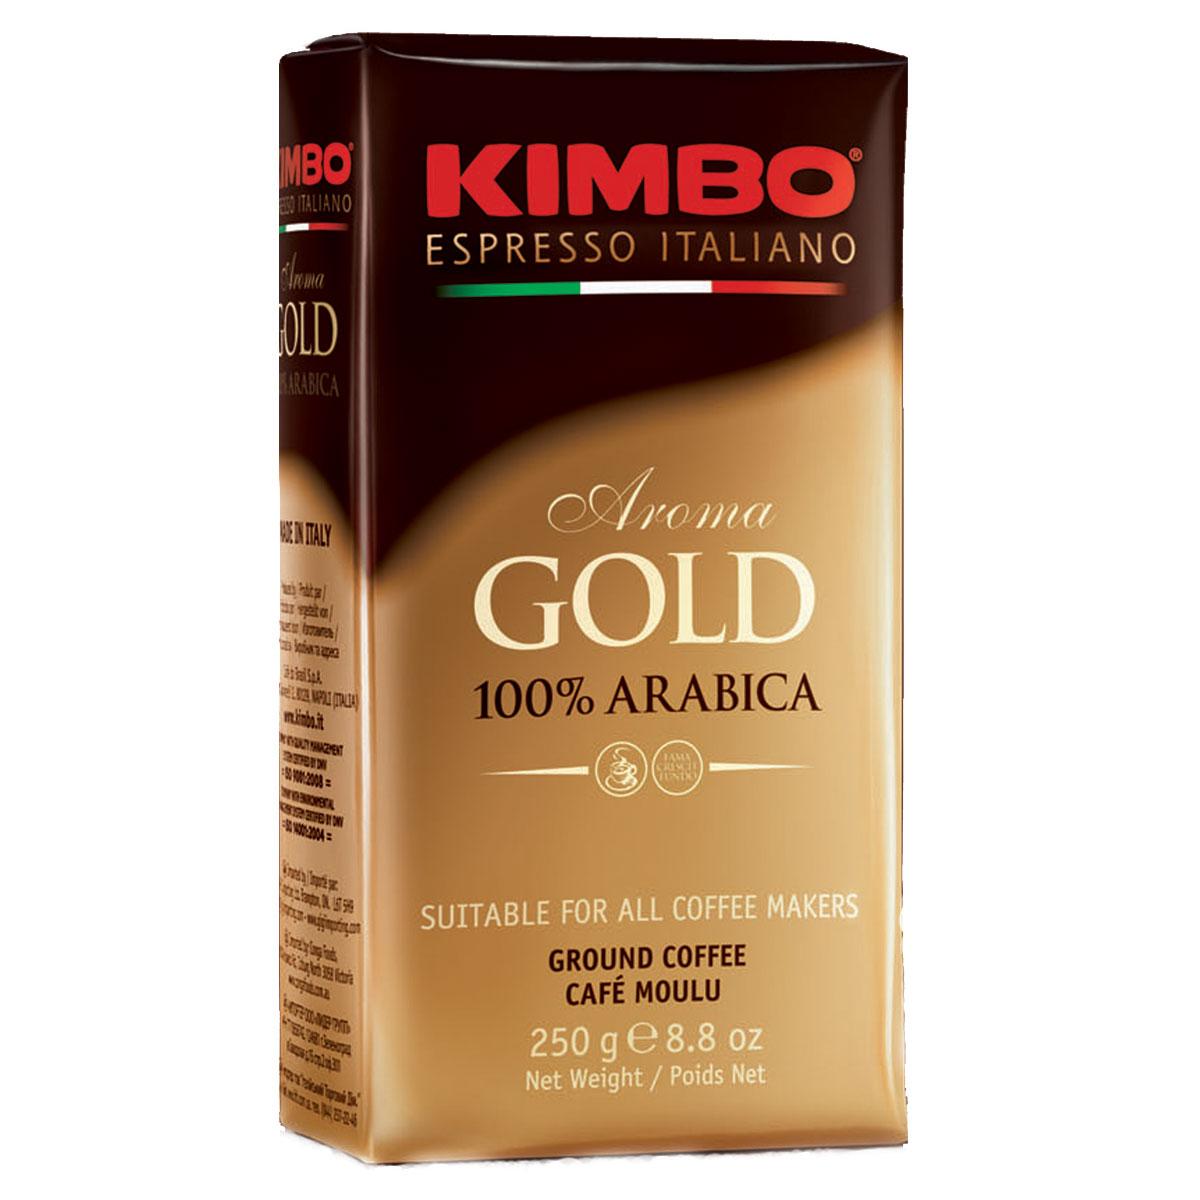 Kimbo Aroma Gold 100% Arabica кофе молотый, 250 г8002200102111Натуральный жареный молотый кофе Kimbo Aroma Gold 100% Arabica. Смесь превосходной арабики отличается нежным вкусом, мягкой кислинкой и тонкимароматом. Состав смеси: 100% арабика.